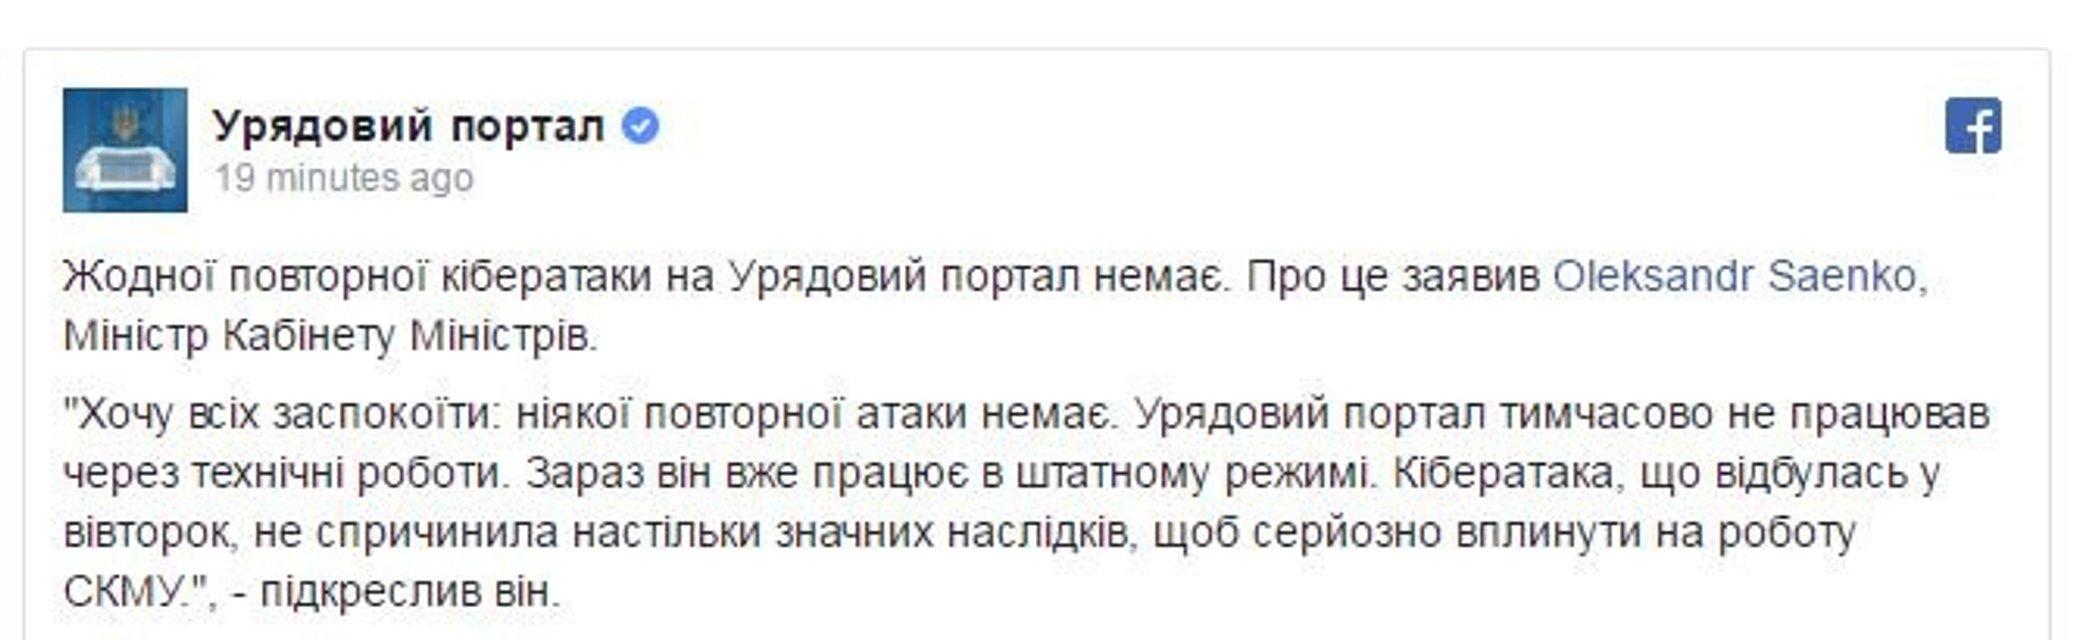 """Сайт Кабмина снова """"лег"""" (обновлено) - фото 54773"""